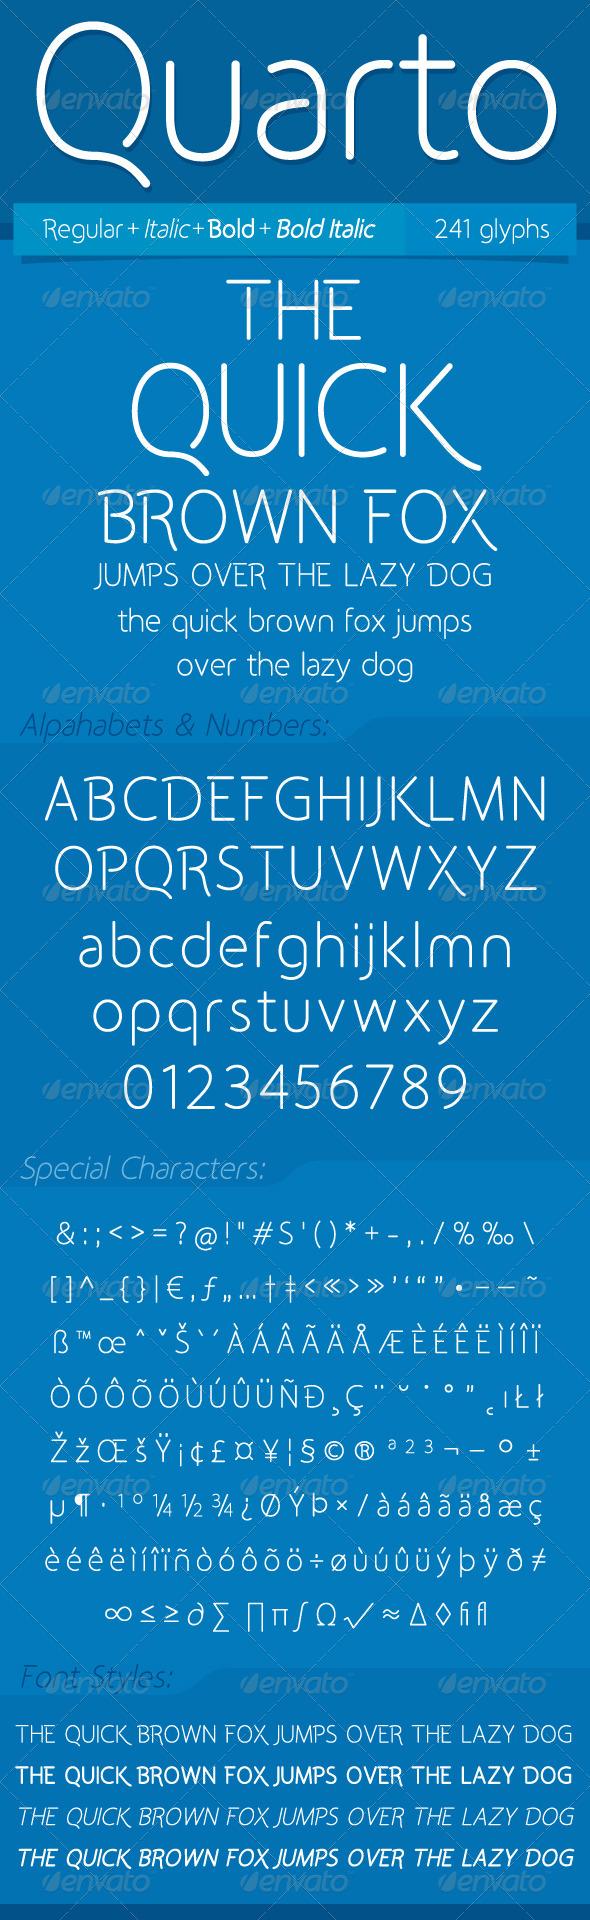 GraphicRiver Quarto Font 4551234